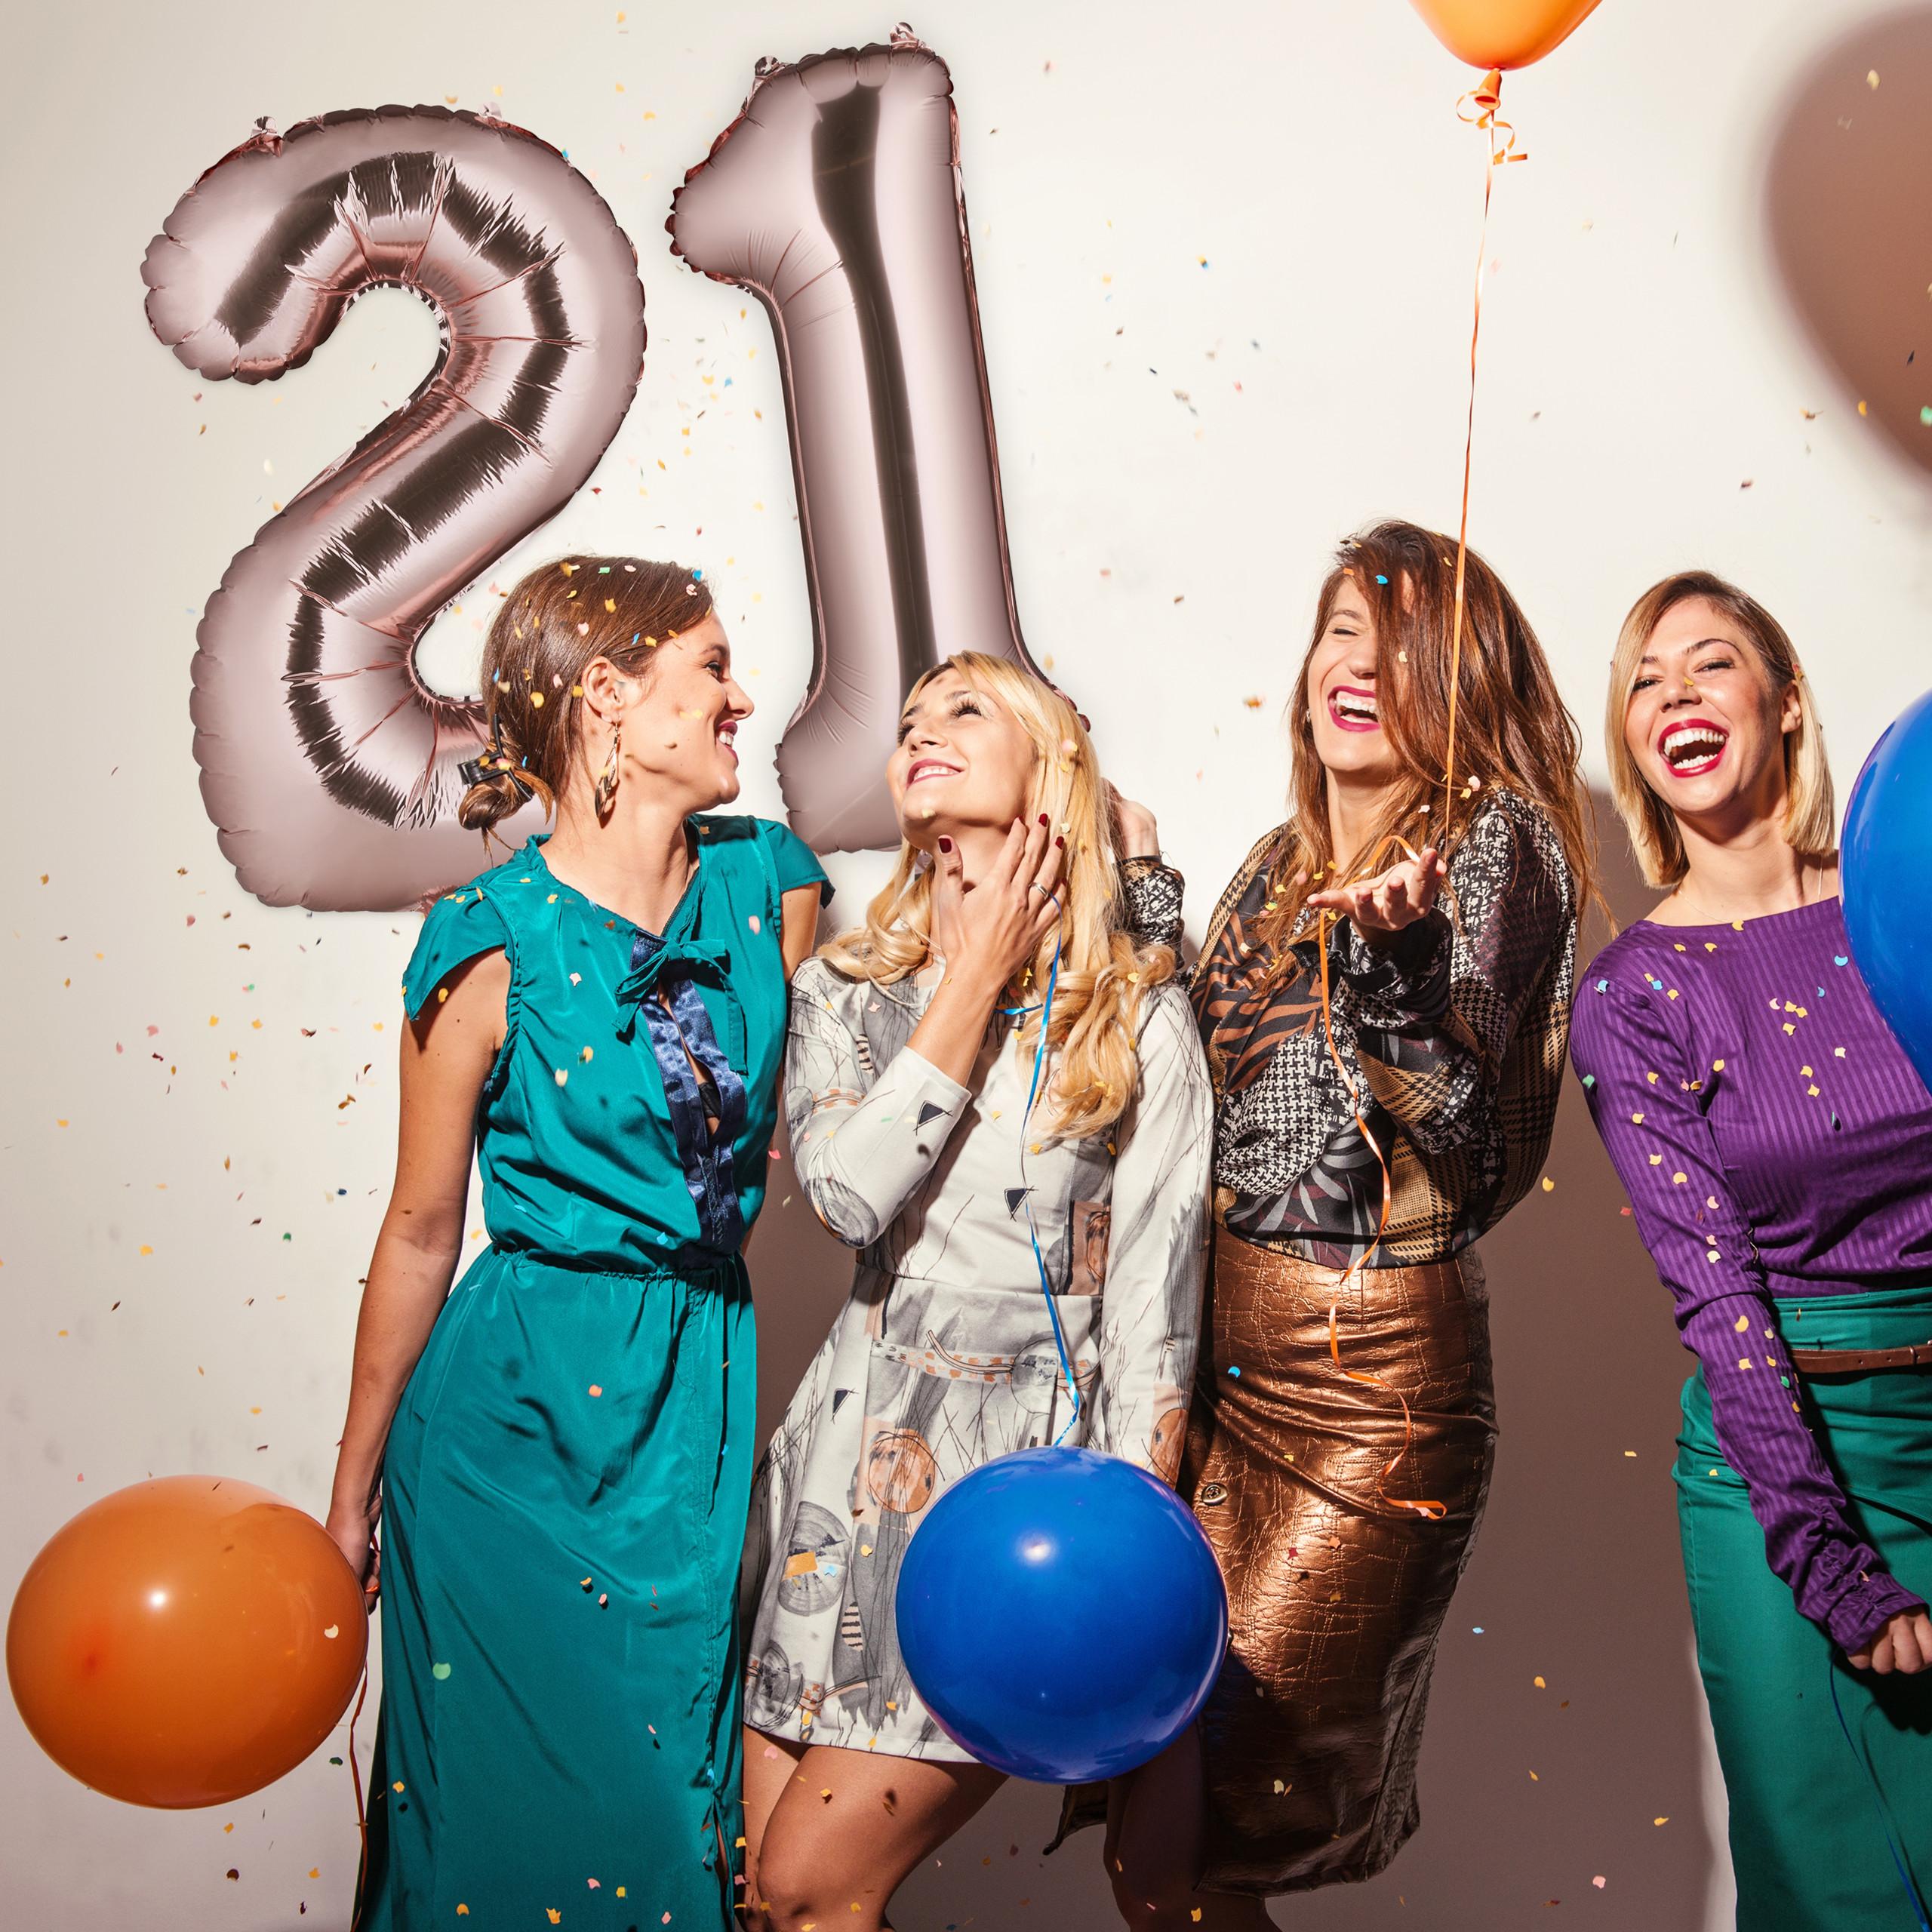 Ballon-chiffre-numero-21-gonflable-anniversaire-decoration-geant-mariage miniature 10